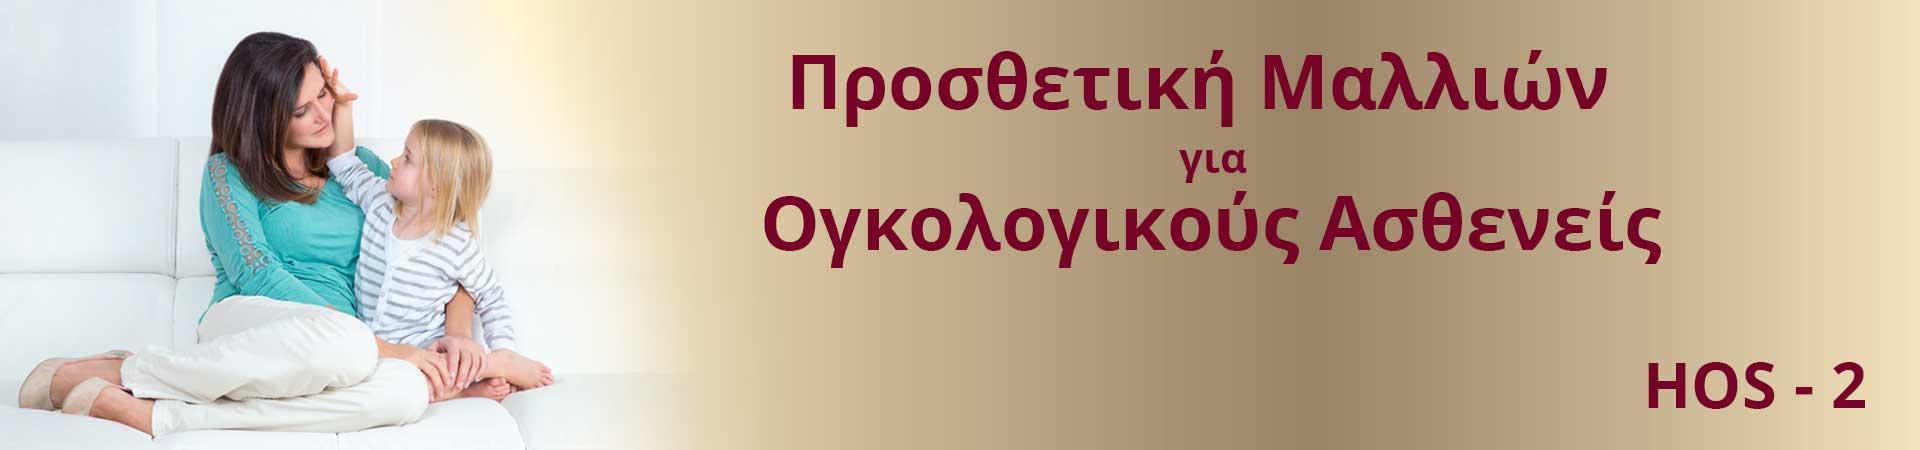 HOS – 2 : Περούκες Παθήσεωv